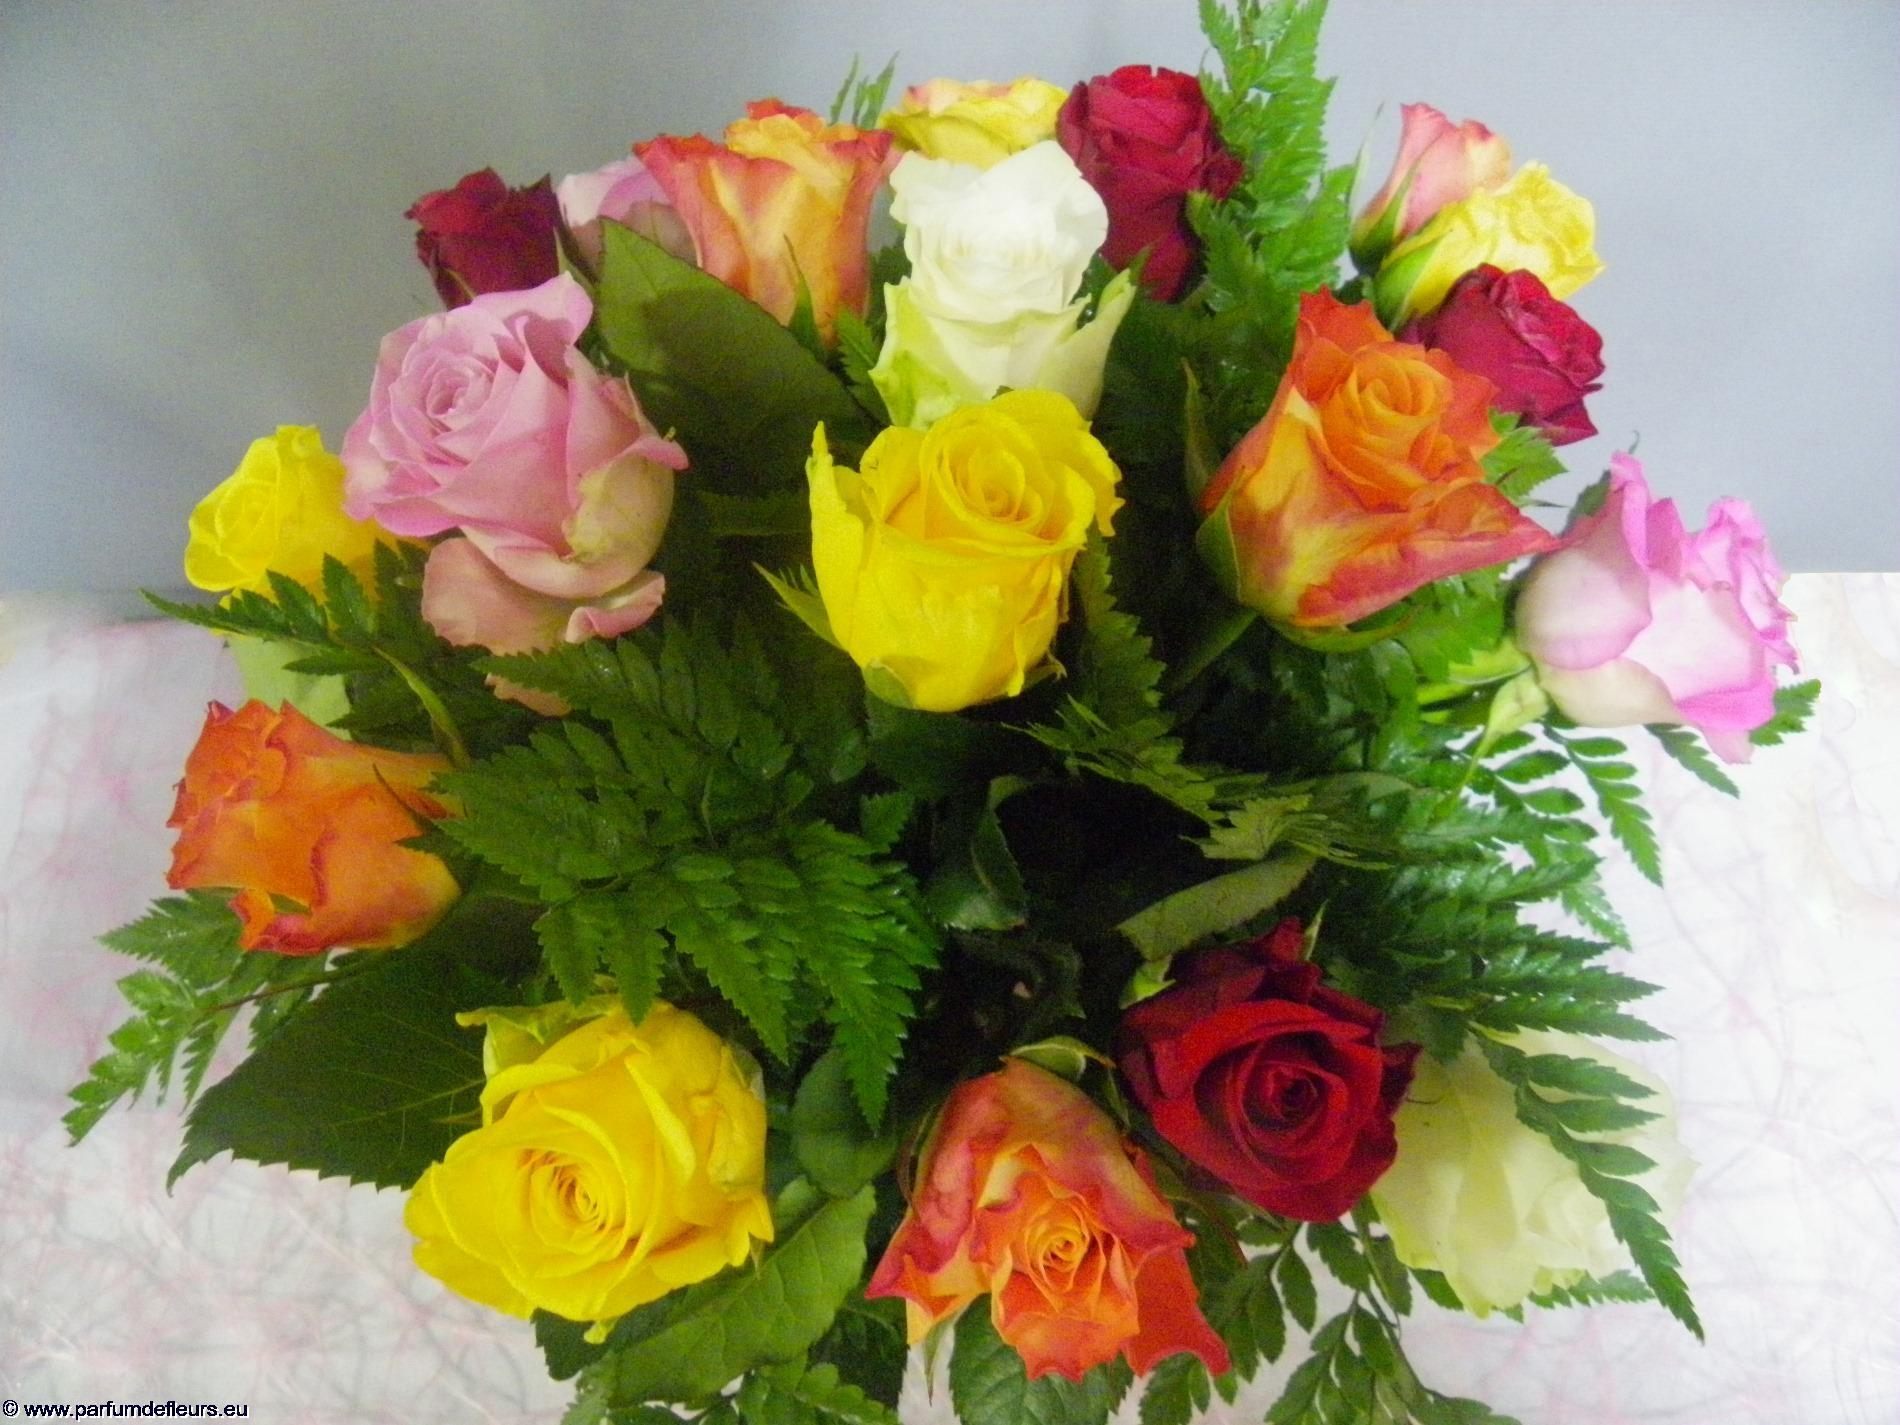 offrir-des-fleurs_fonds-ecran_01